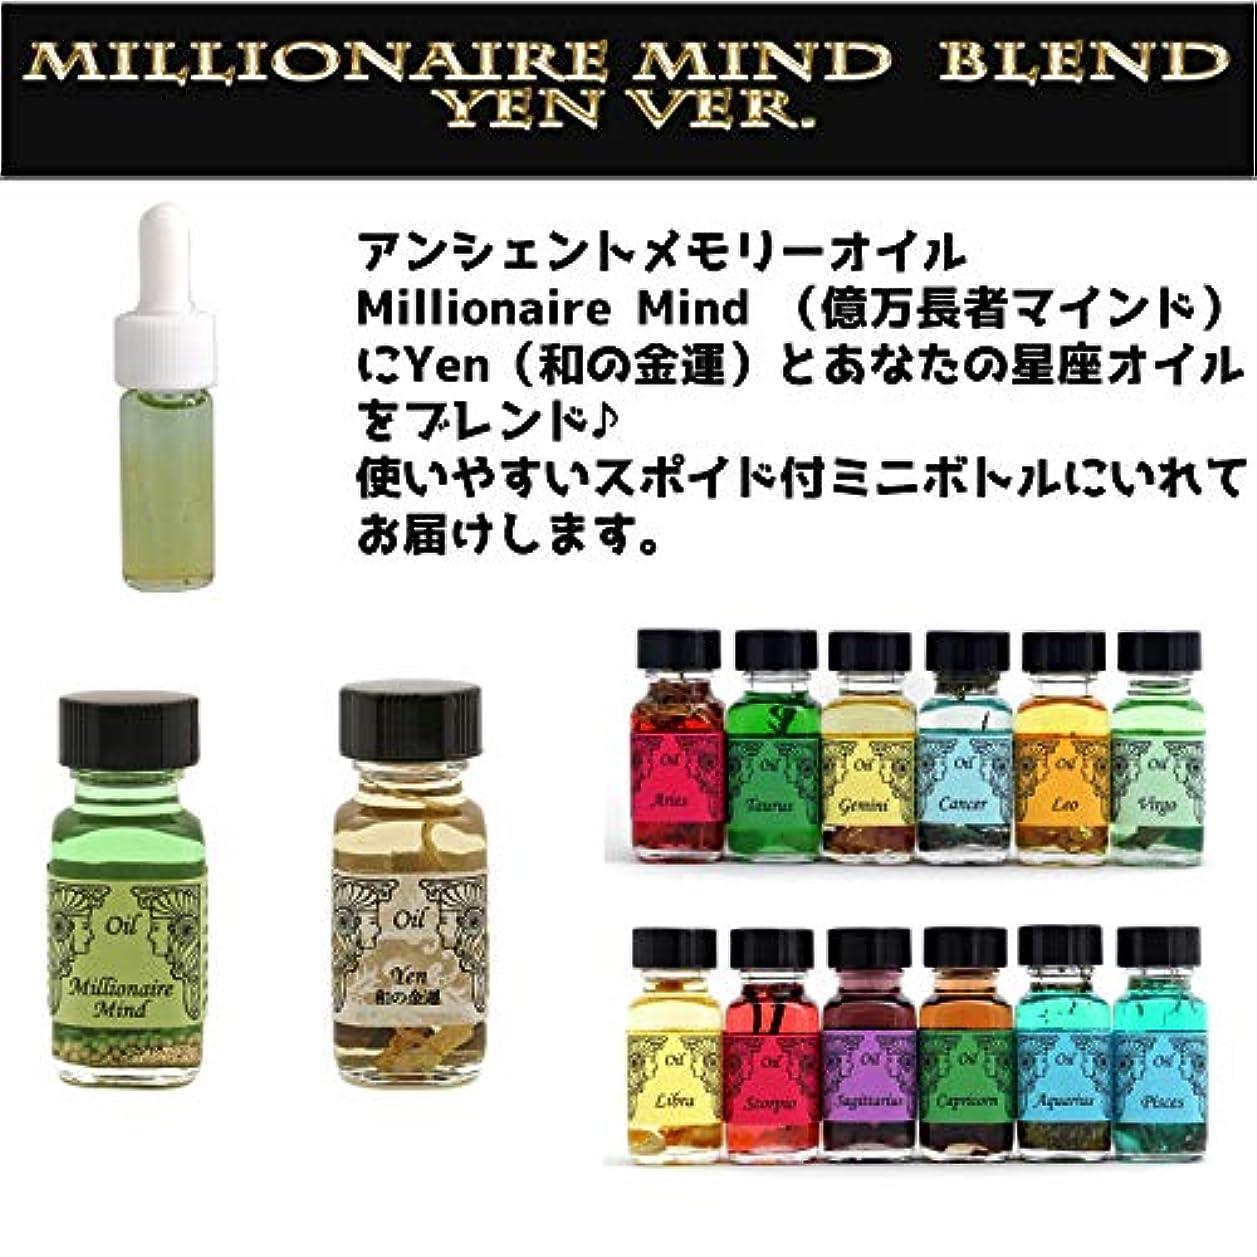 ダメージストライクパーフェルビッドアンシェントメモリーオイル Millionaire Mind 億万長者マインド ブレンド【Yen 和の金運&いて座】